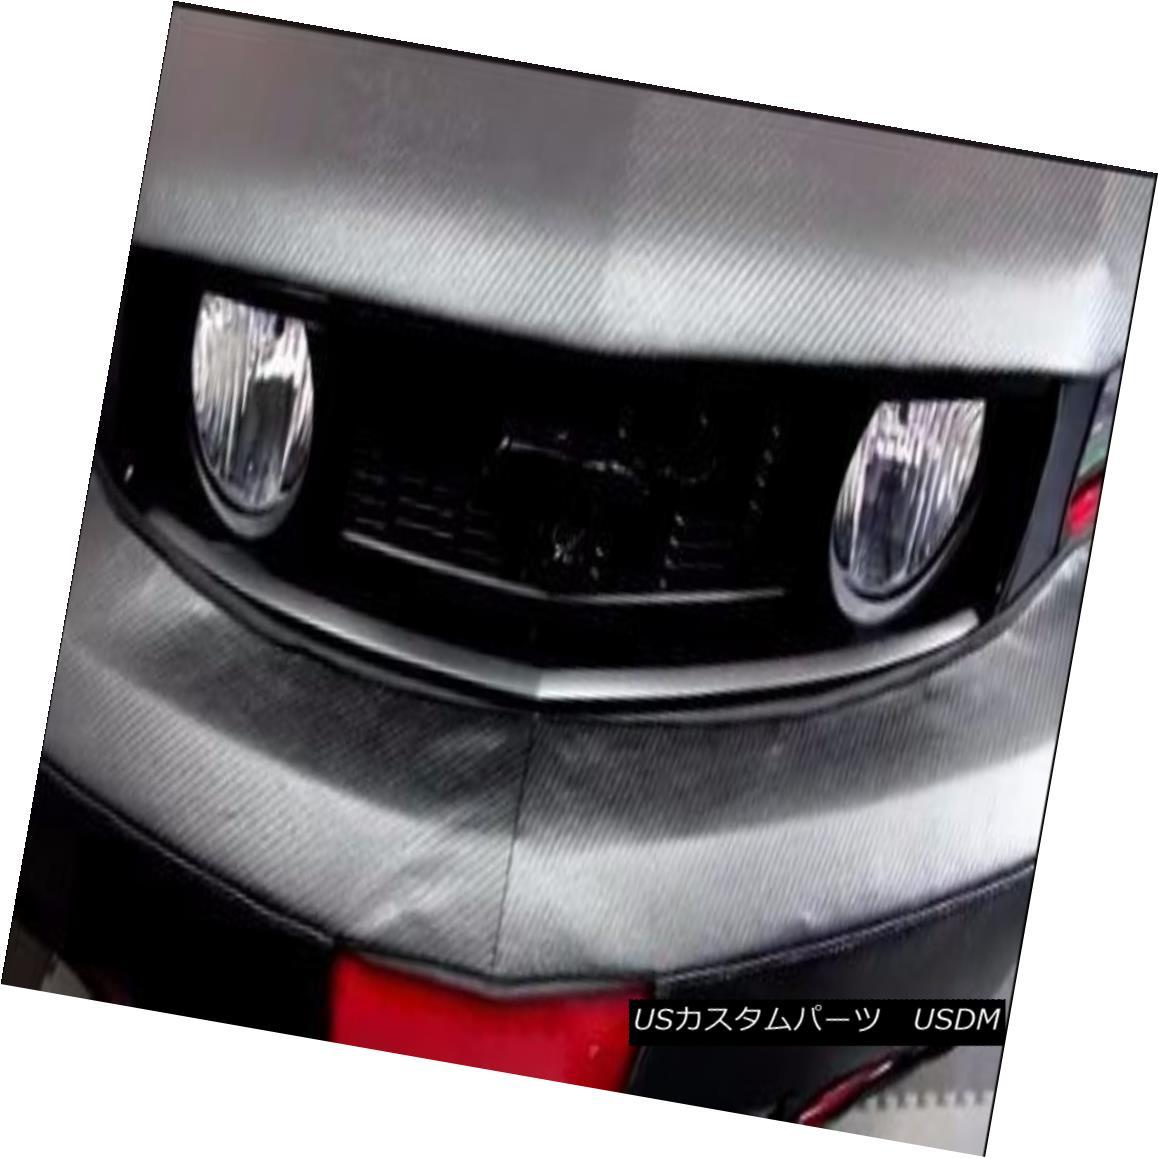 フルブラ ノーズブラ Colgan Front End Mask Bra CF 2pc. Fits Scion tC Coupe 2014-2016 W/License Plate コルガンフロントエンドマスクブラ2pc。 フィットシオンtCクーペ2014-2016 W /ナンバープレート